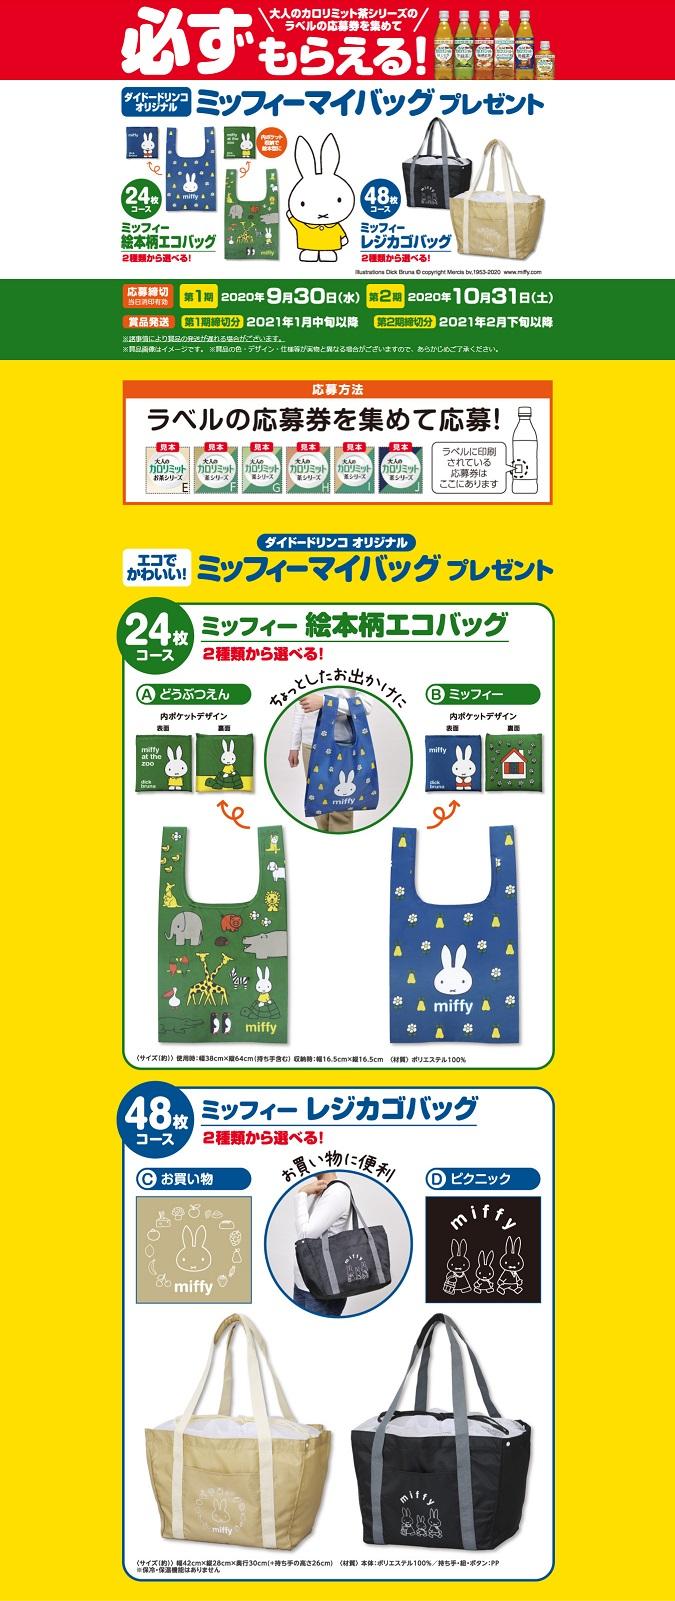 【ダイドー】ミッフィーマイバッグプレゼントキャンペーン